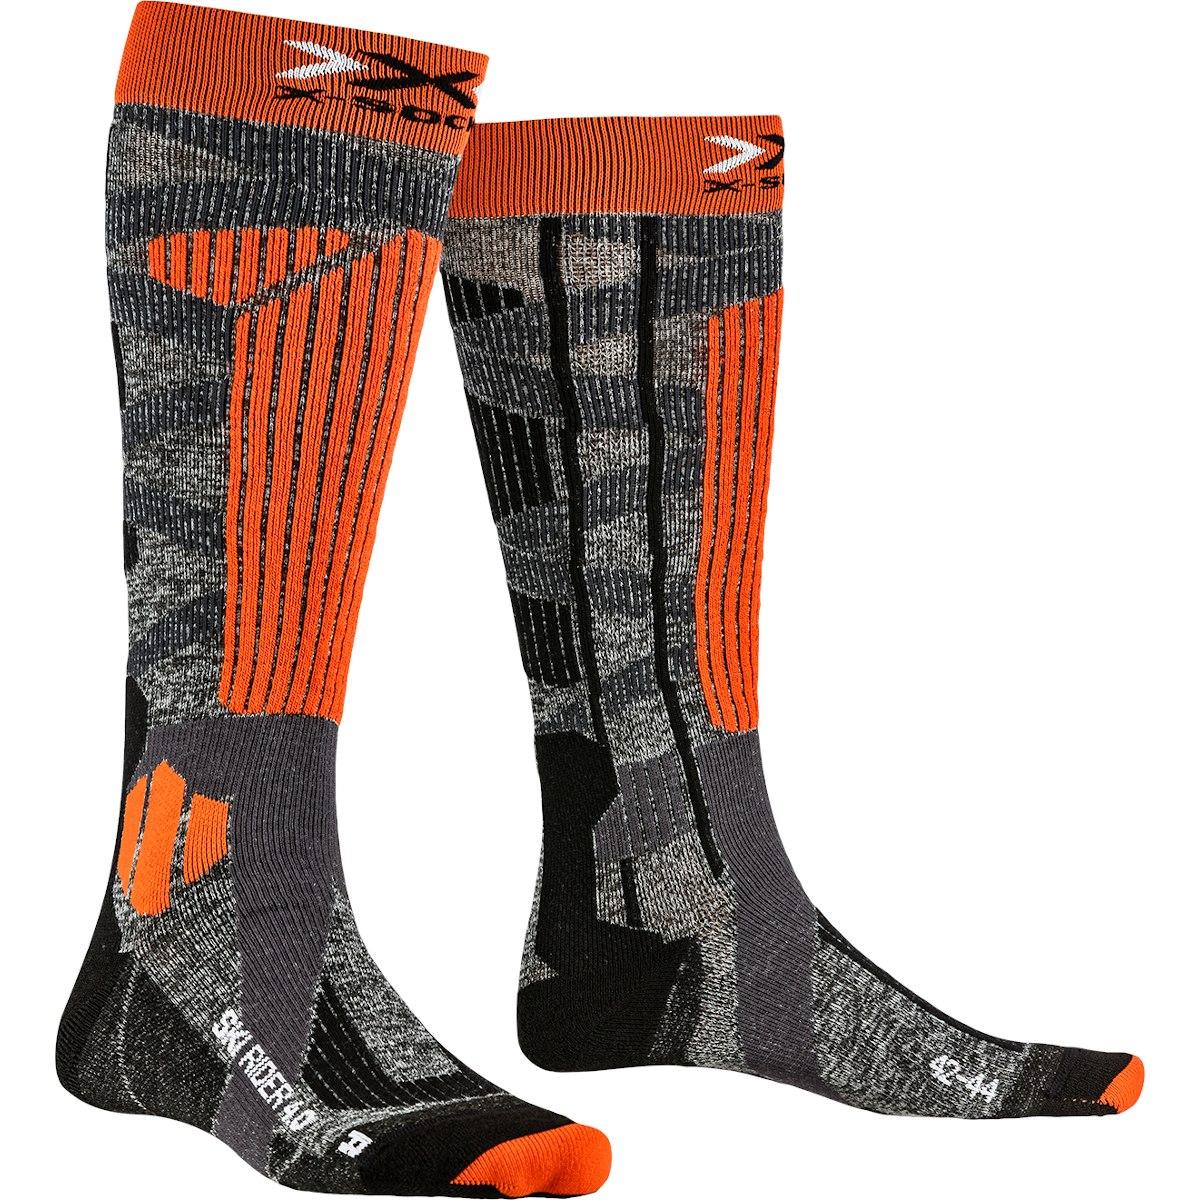 X-Socks Ski Rider 4.0 Socken - stone grey melange/x-orange